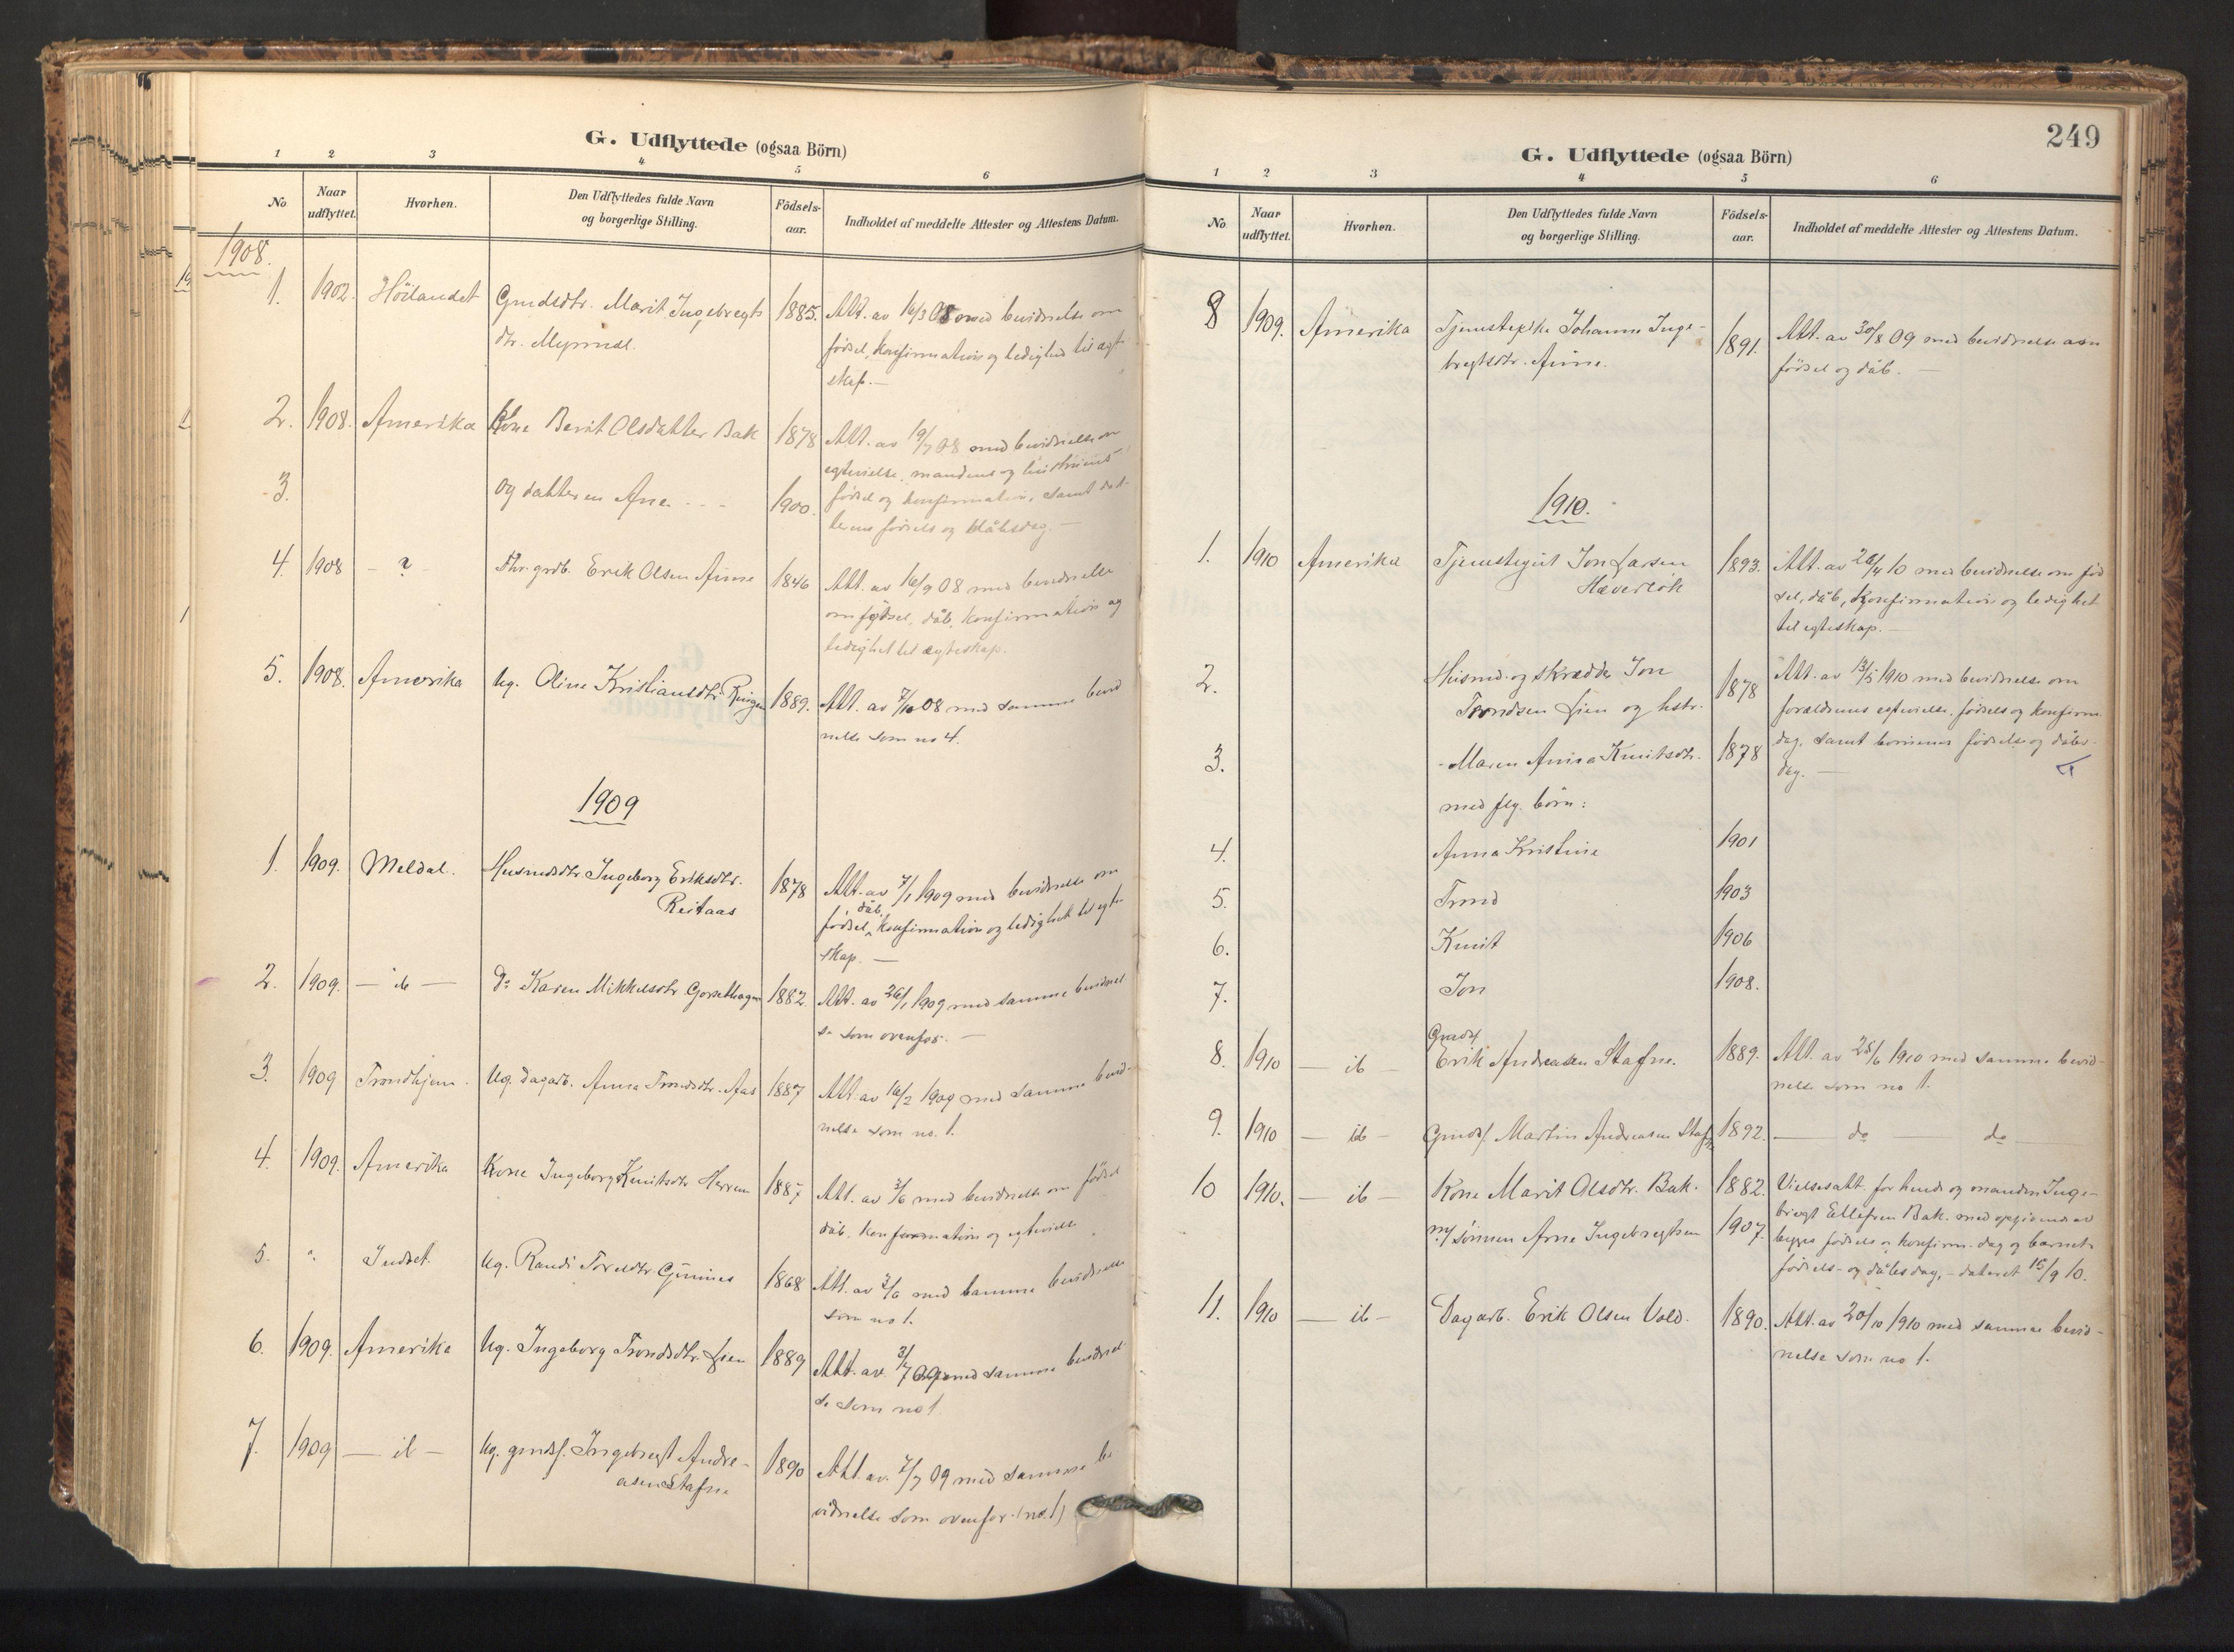 SAT, Ministerialprotokoller, klokkerbøker og fødselsregistre - Sør-Trøndelag, 674/L0873: Ministerialbok nr. 674A05, 1908-1923, s. 249